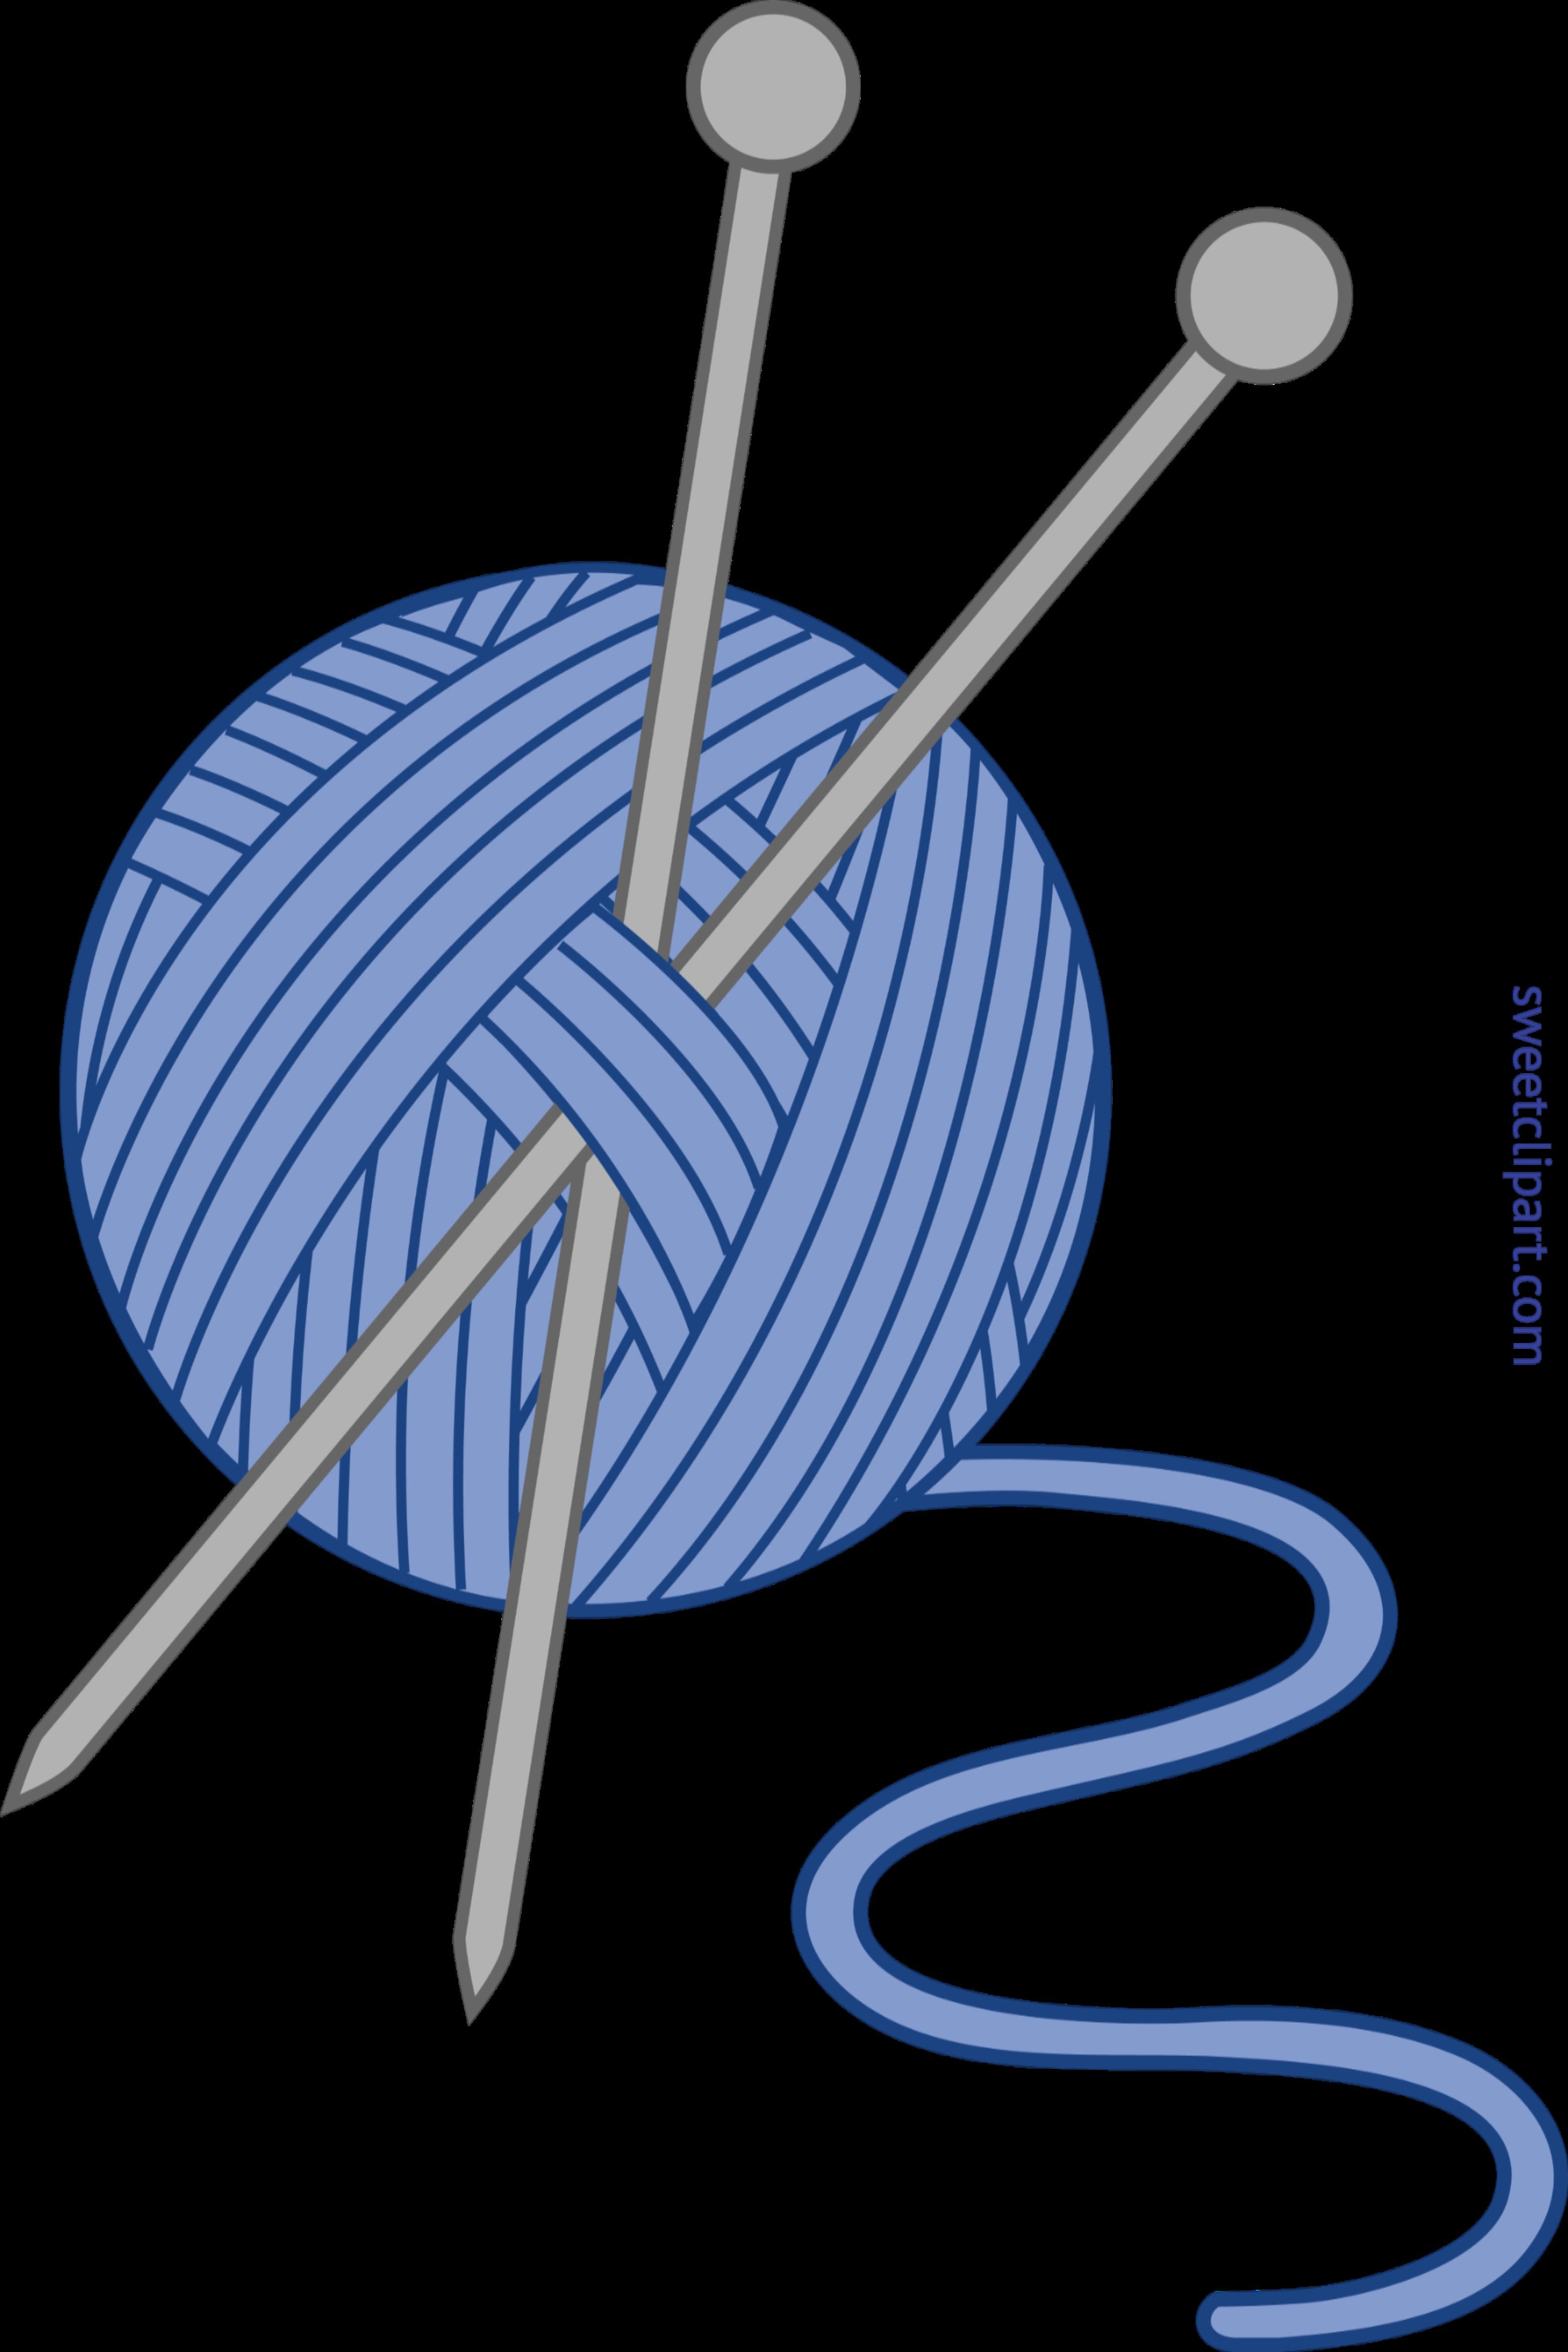 Kittens clipart yarn clip art, Kittens yarn clip art.